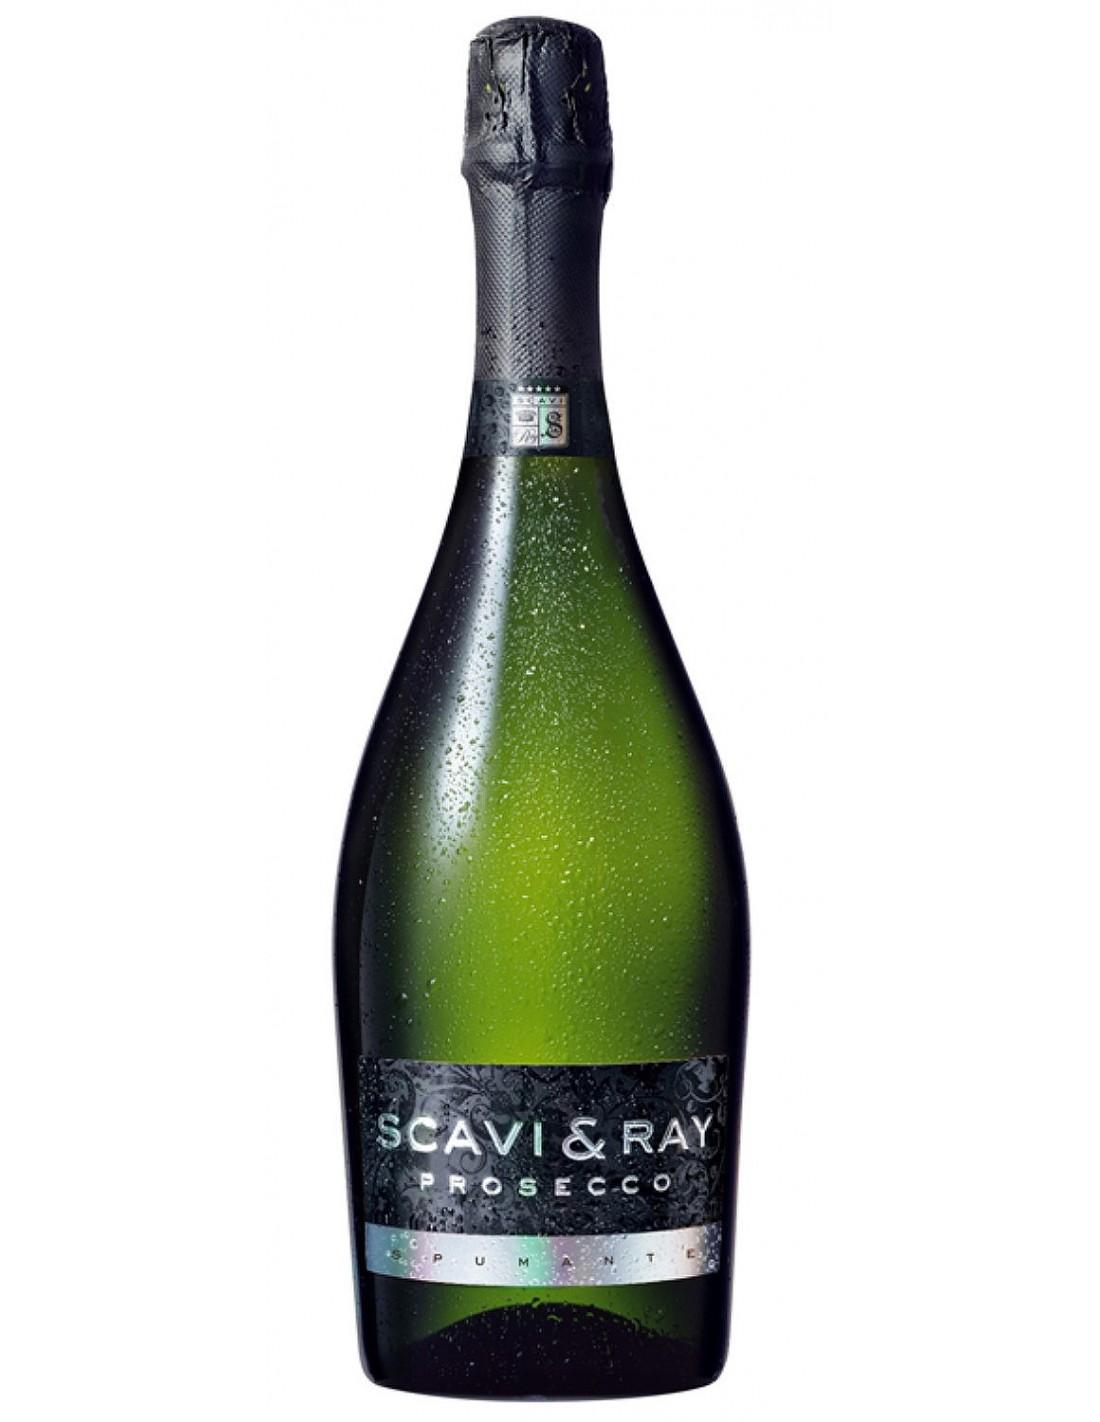 Vin spumant Scavi&Ray Prosecco Extra Dry, 11% alc., 0.75L